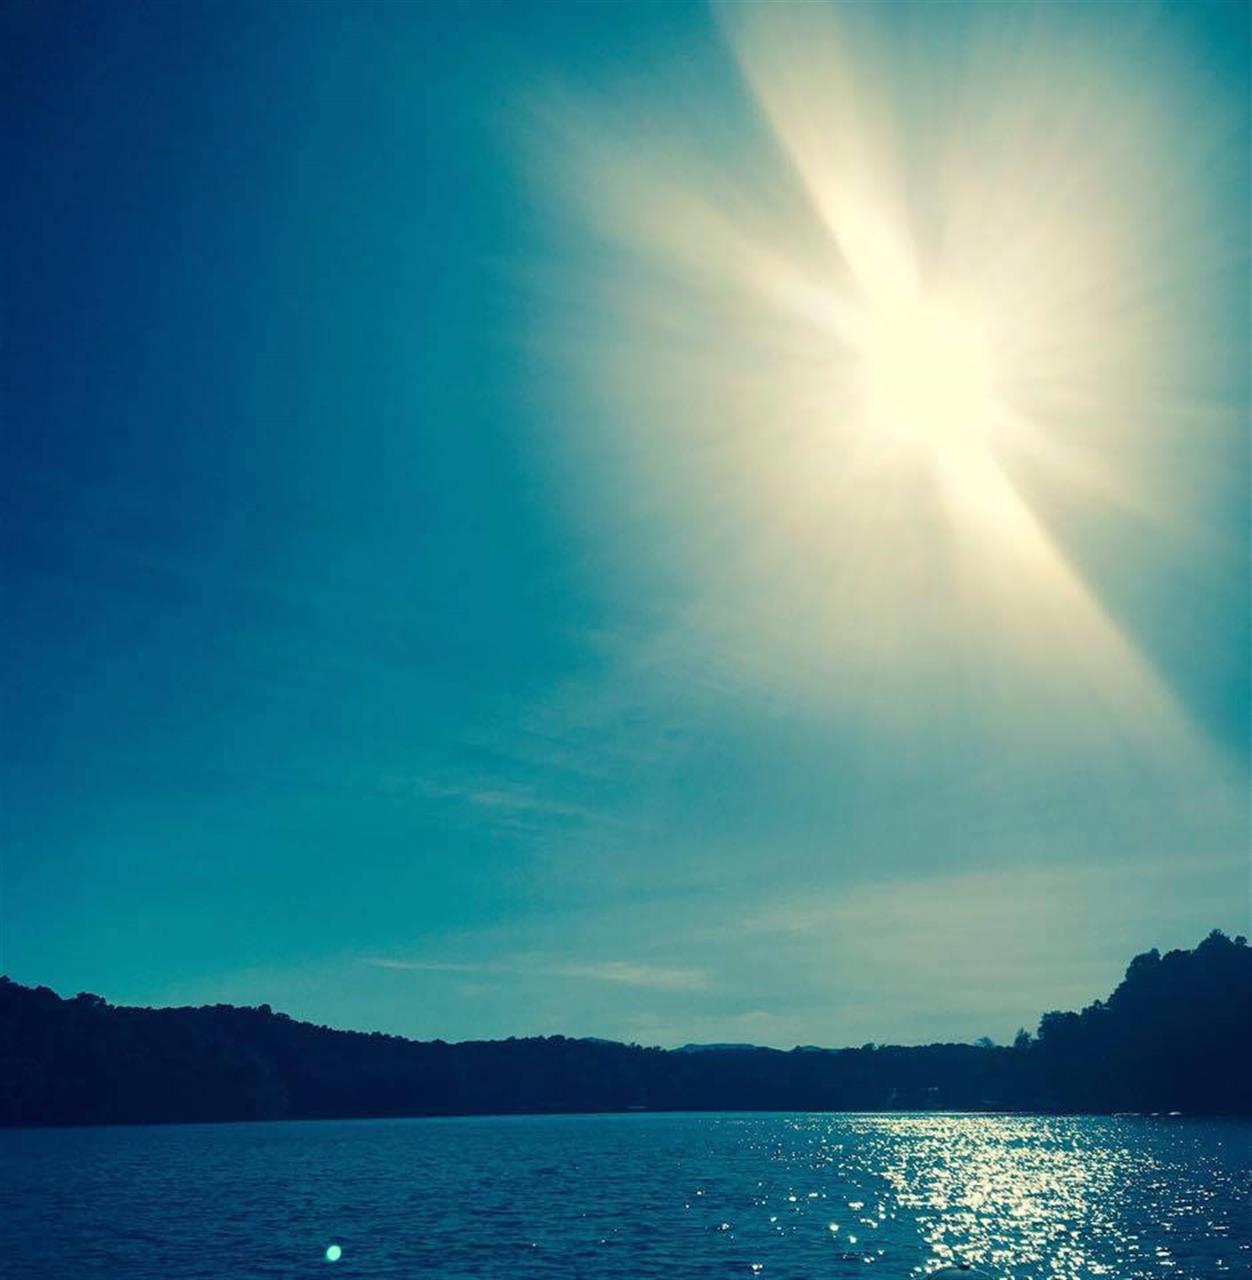 #leadingRElocal  #NorrisLake #LakeLife #sibcycline #summertimeisfinallyhere #boating #familyvacation